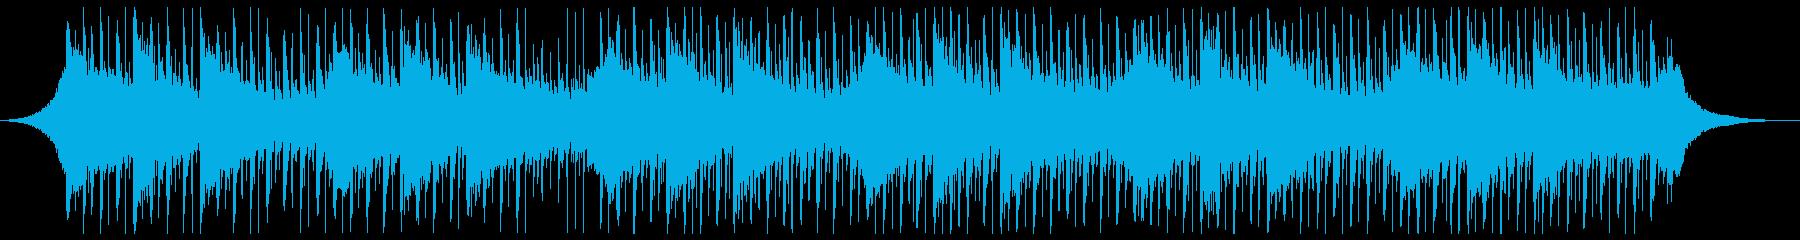 説明(60秒)の再生済みの波形